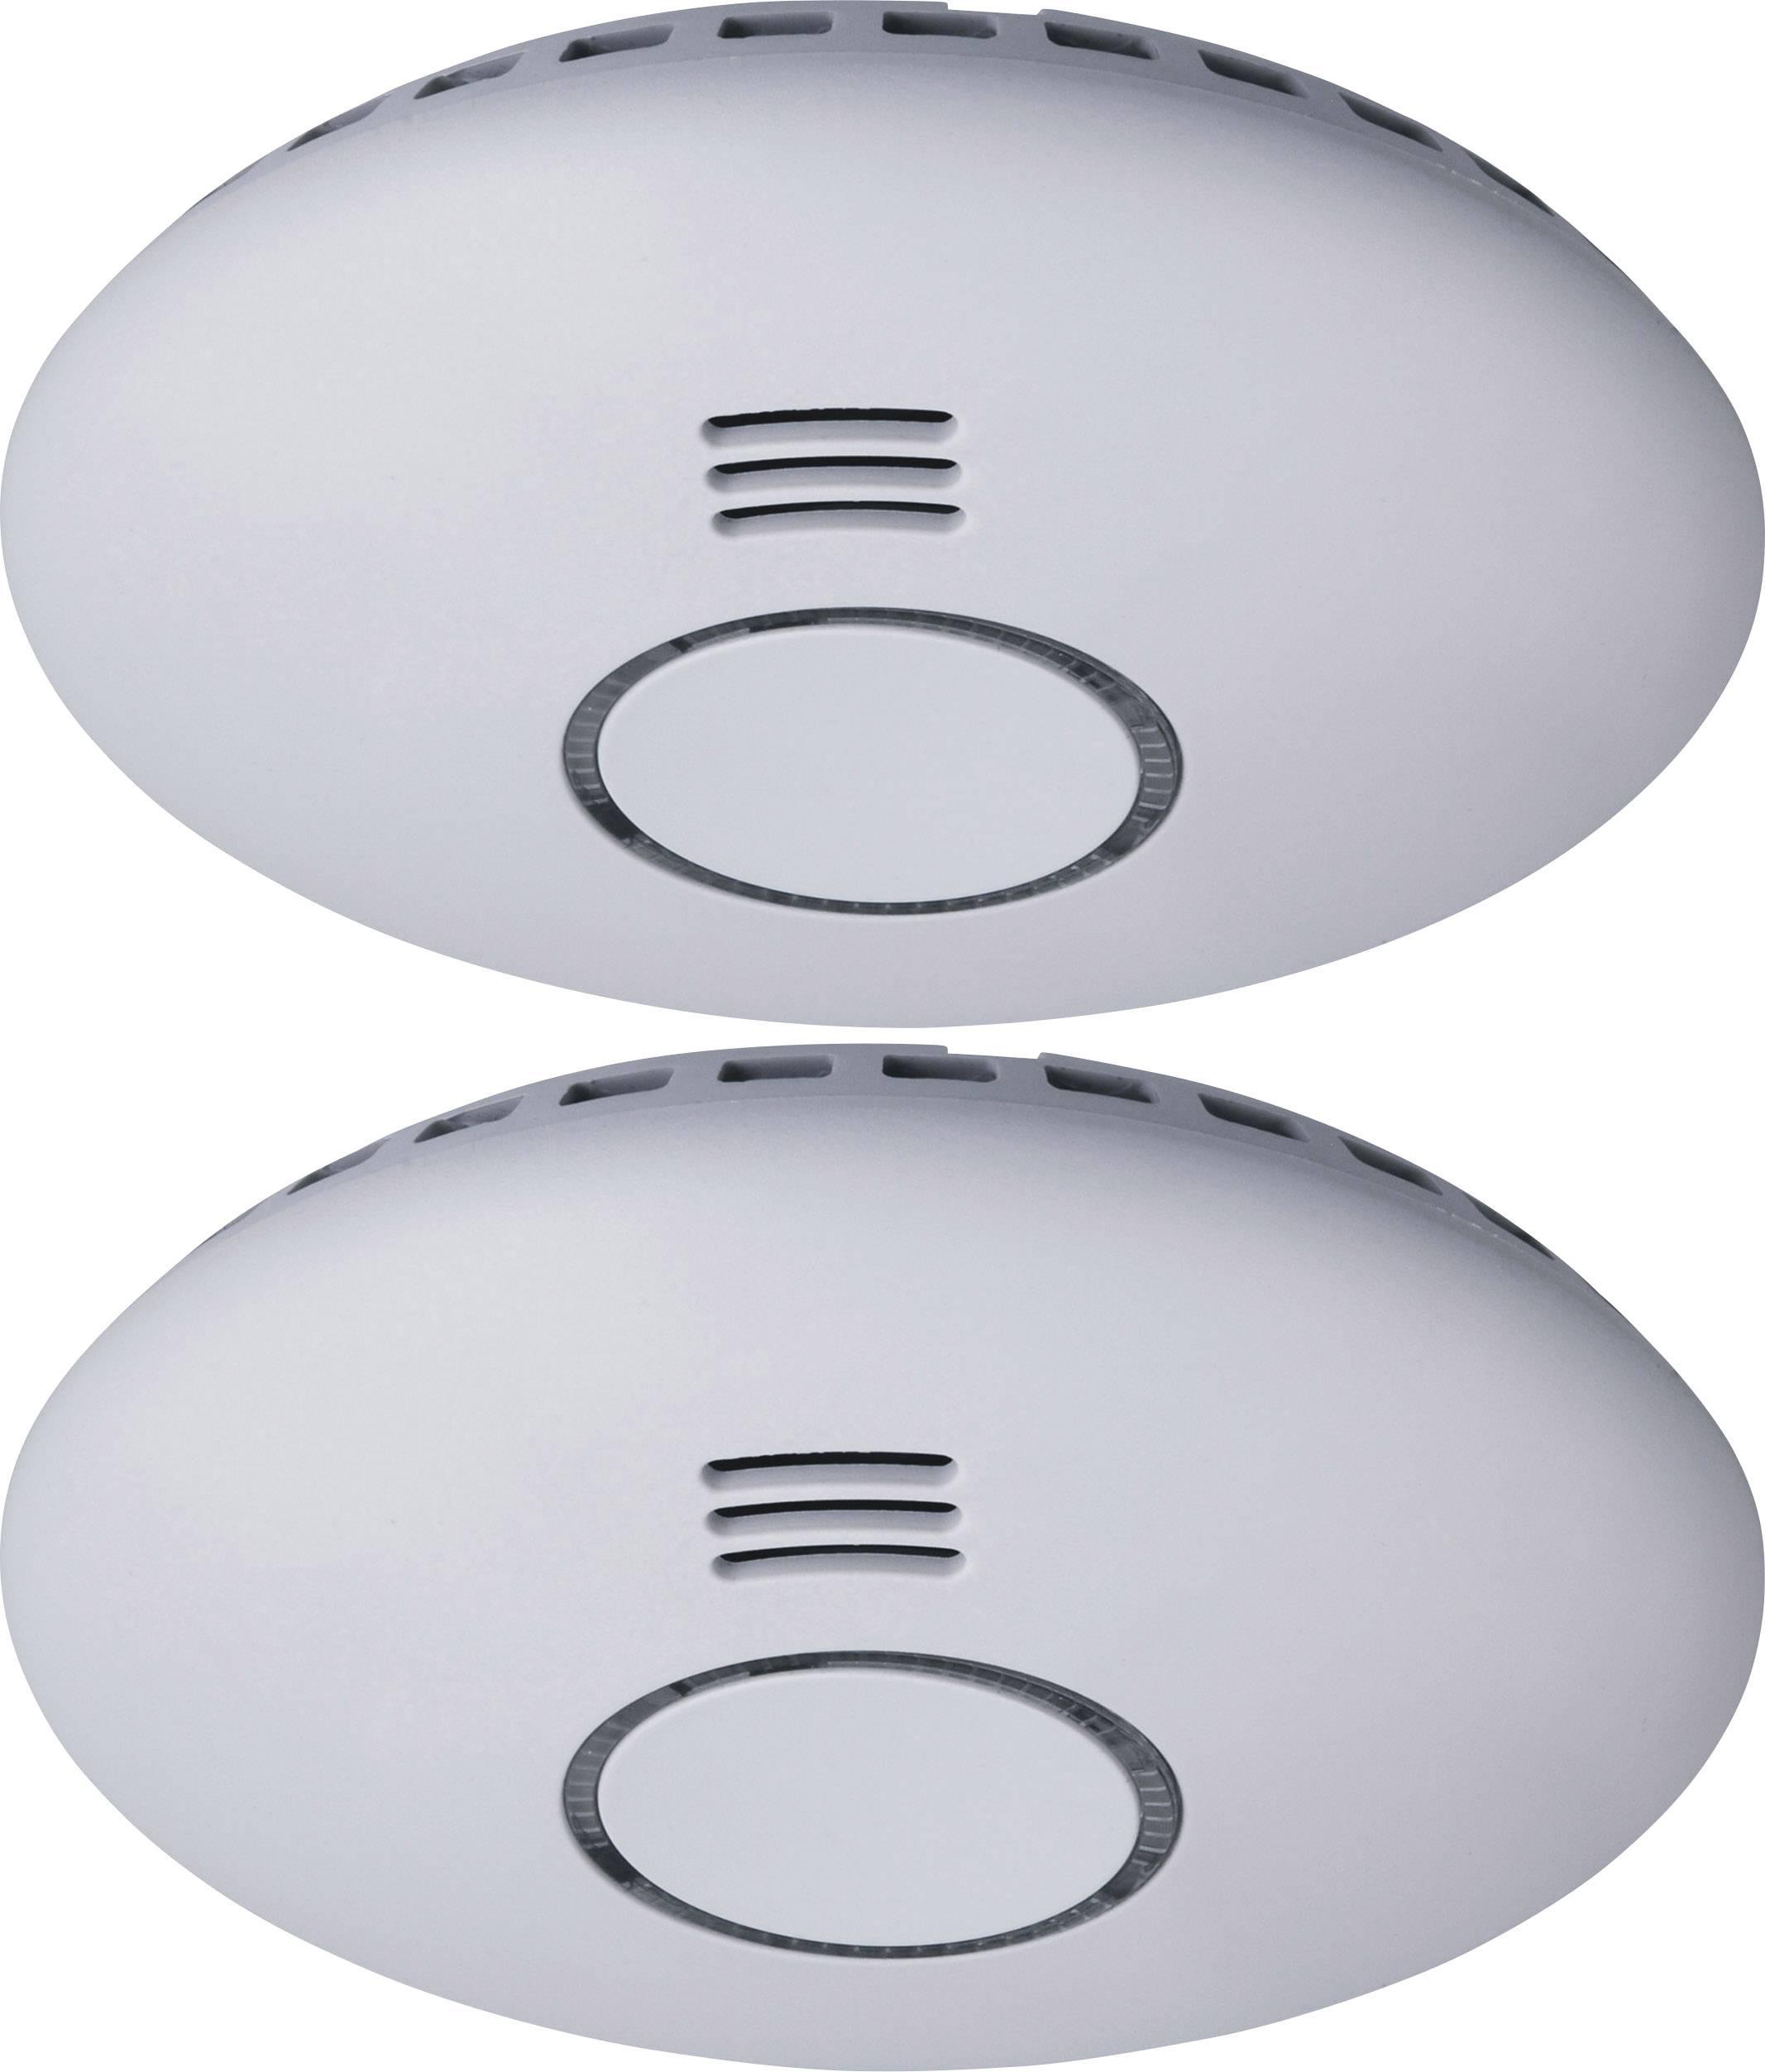 Bezdrátový detektor kouře Smartwares RM174RF/2, na baterii, s možností propojení, sada 2 ks